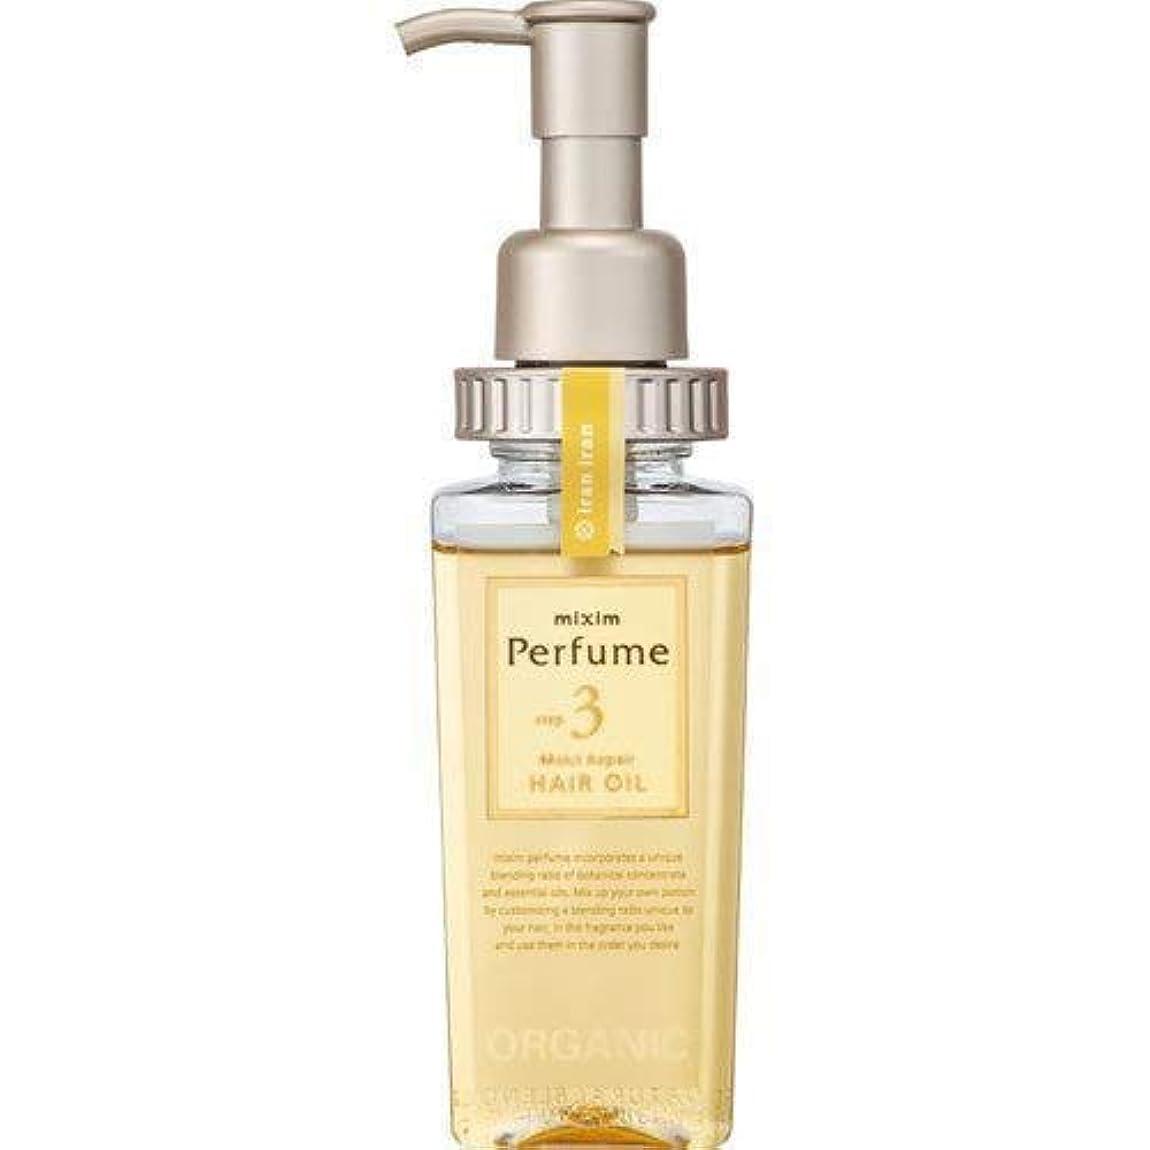 不潔パイプライン符号mixim Perfume(ミクシムパフューム) モイストリペア ヘアオイル 100mL